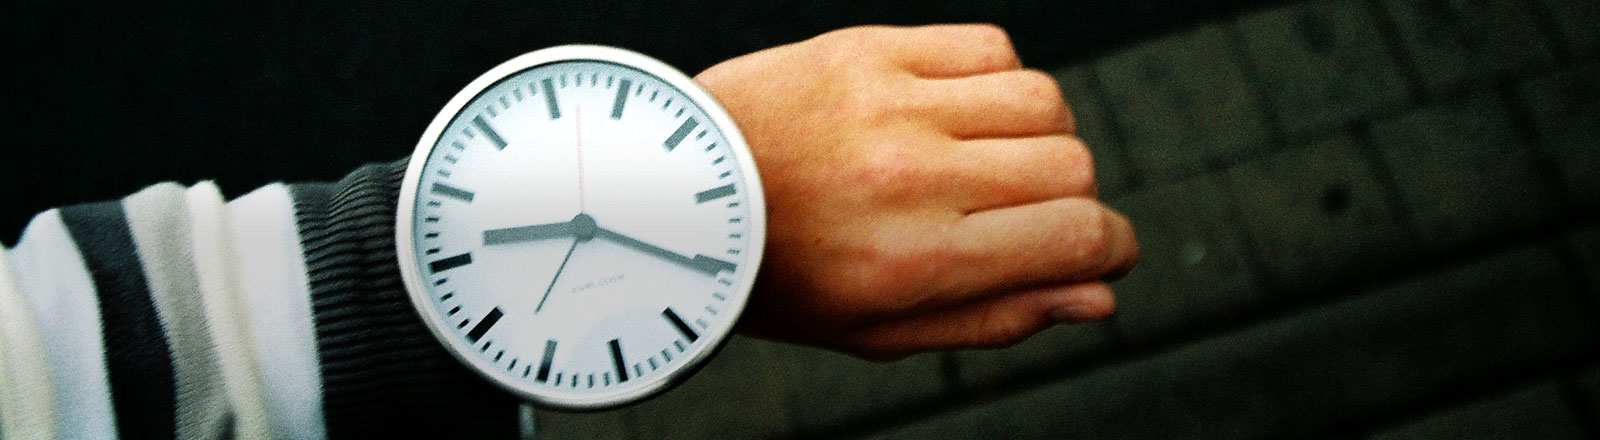 Eine riesige Uhr an einem Handgelenk.